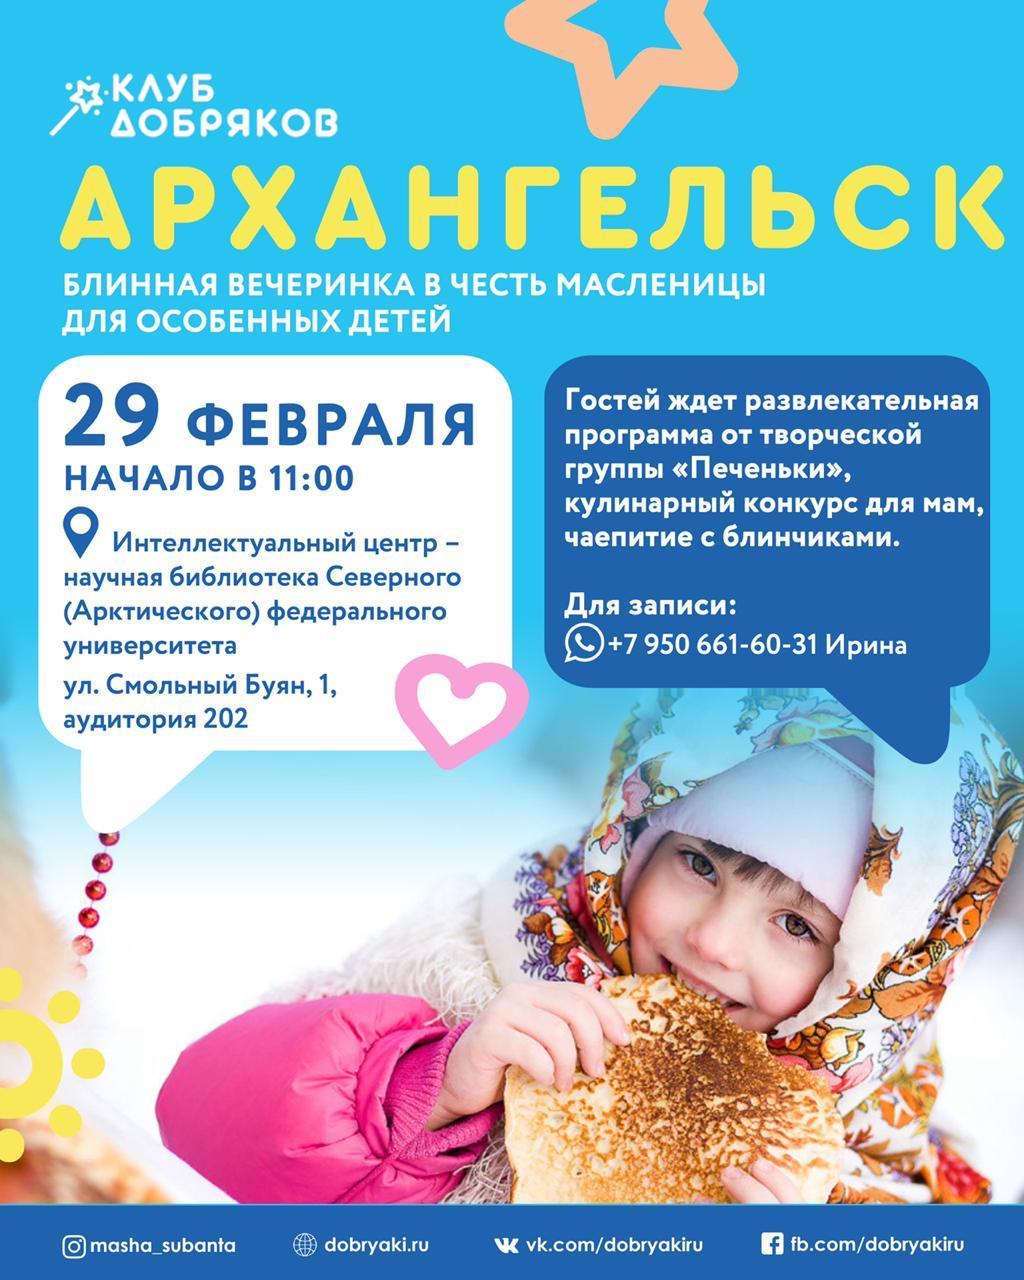 Добряки Архангельска приглашают особенных детей на блинную вечеринку